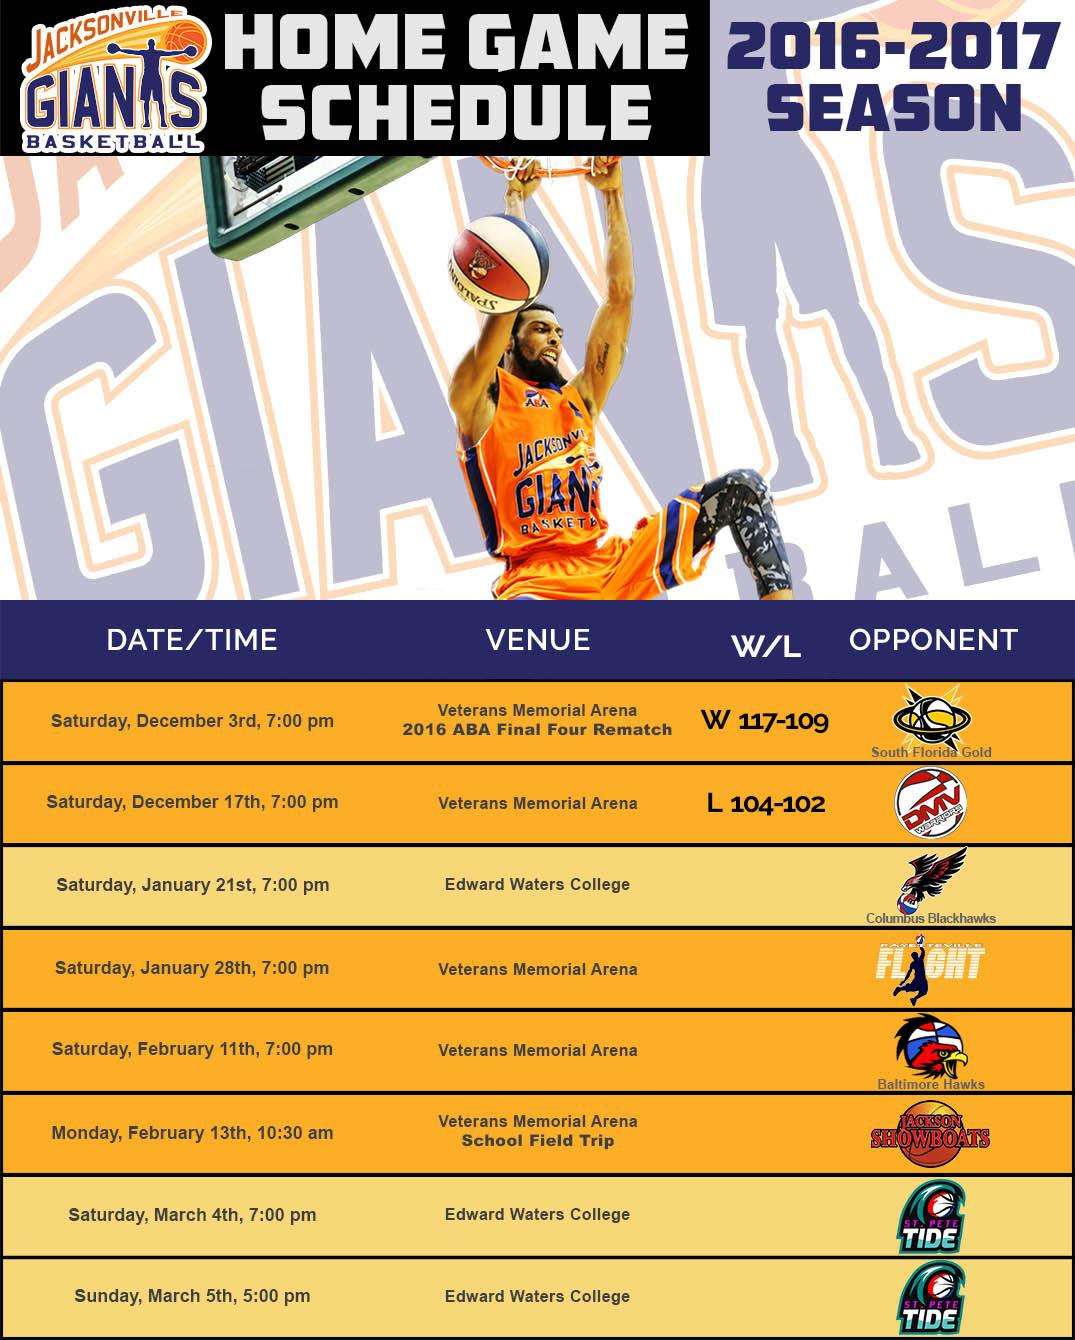 Jacksonville-Giants-2017-Schedule